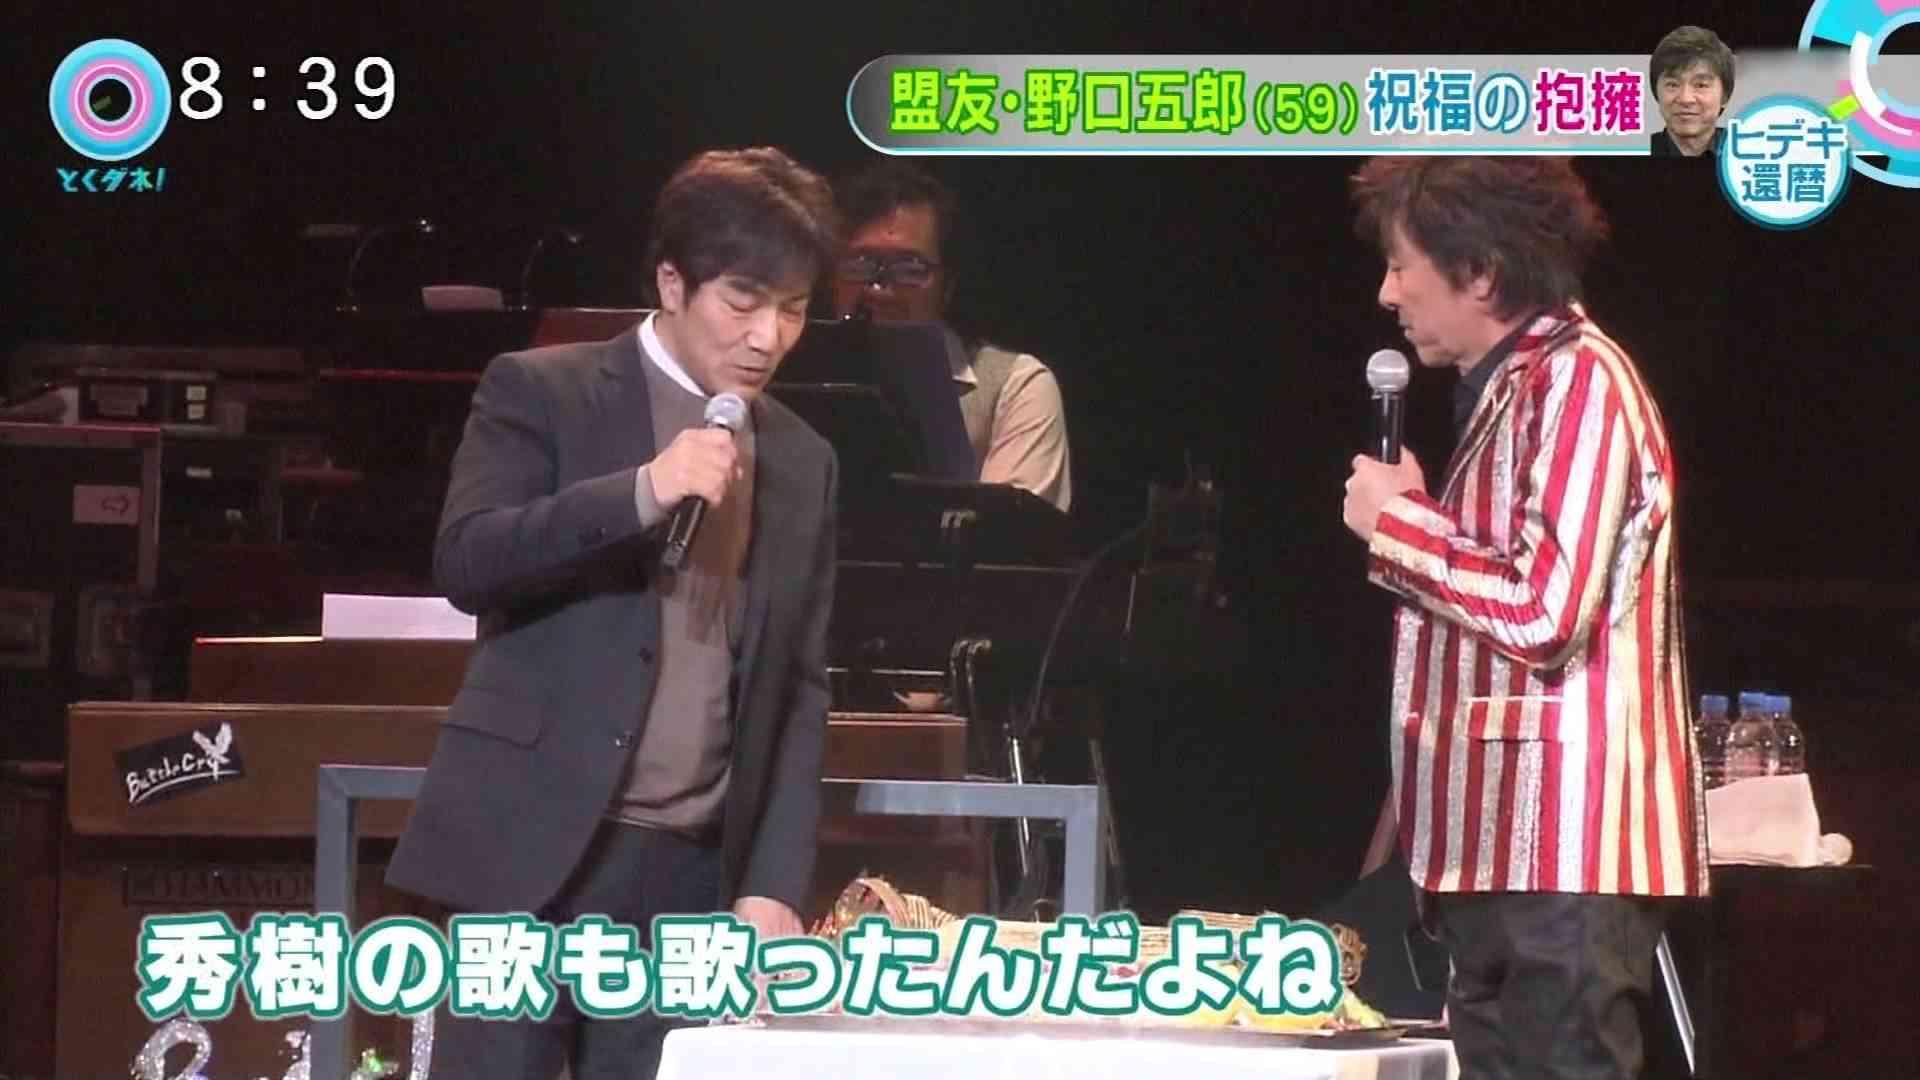 野口五郎: マッチ(近藤真彦)、SMAPの解散にショック!「事務所一丸